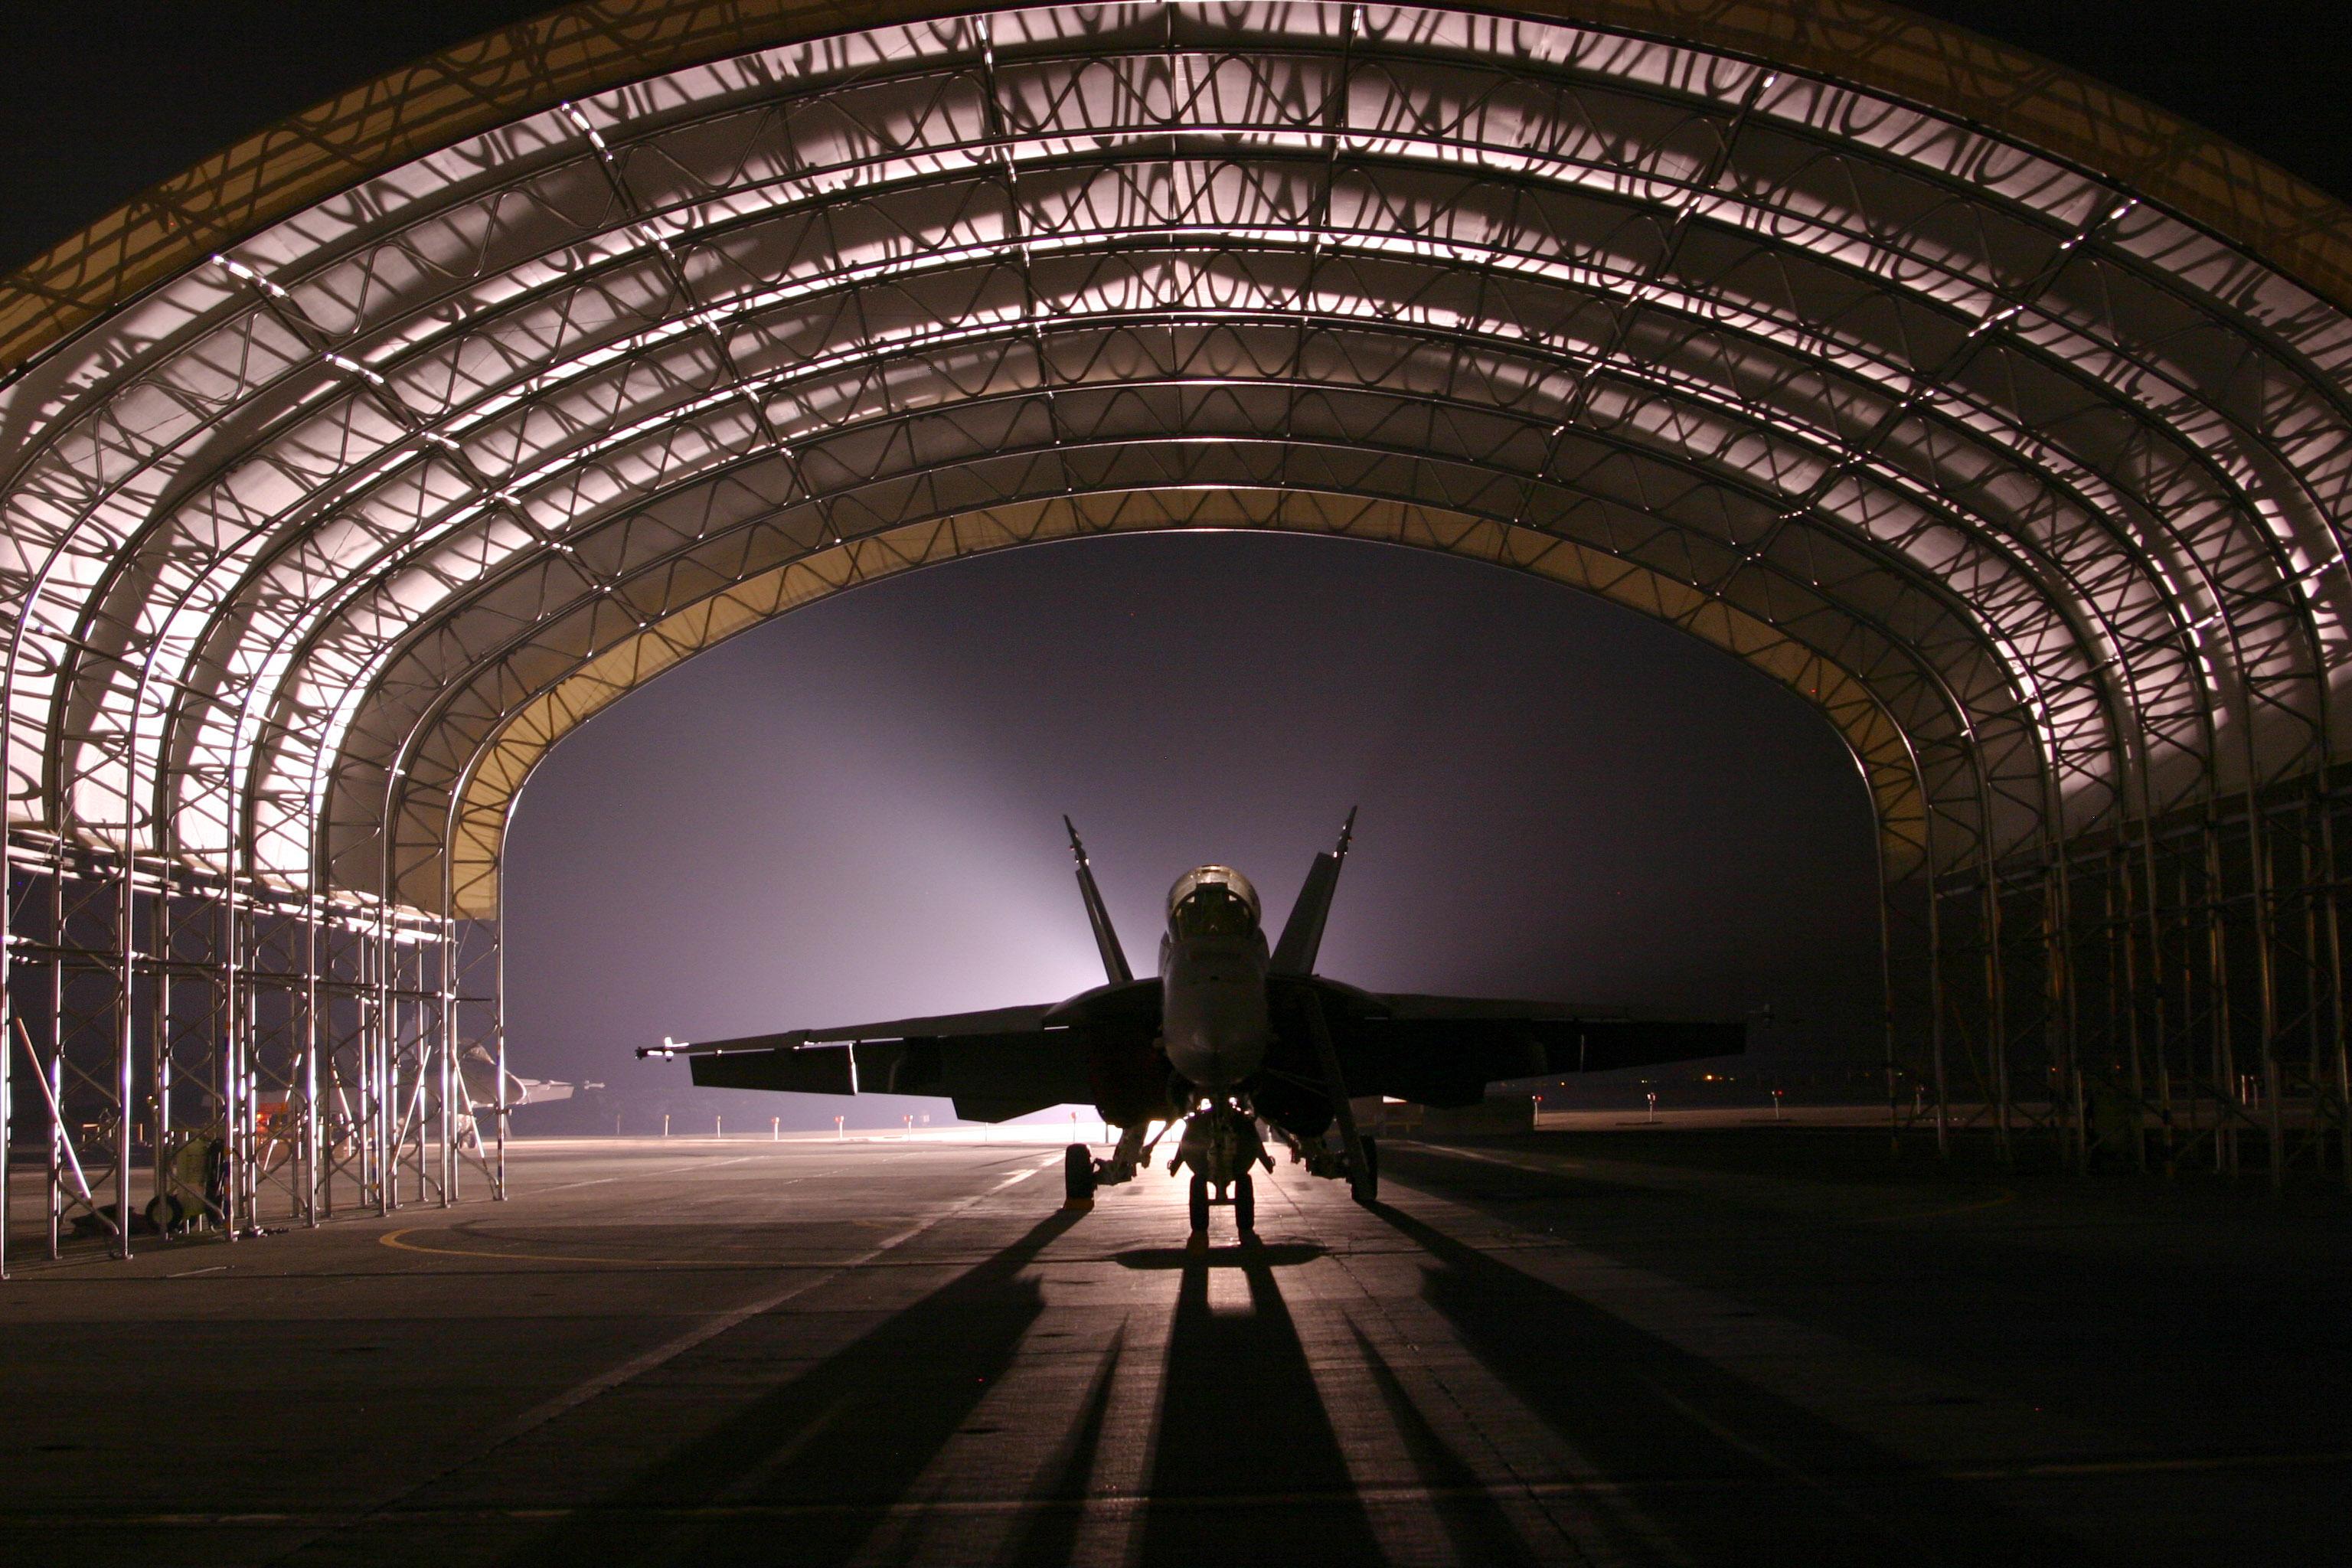 Палубный истребитель-бомбардировщик F/A-18F входящий в состав Flying Eagles эскадрильи ударных истребителей One Two Two (VFA-122), стоит в ангаре военно-морской базы (NAS) Lemoore, Калифорния. Декабрь 2005 года. (Фото: ВМС США).